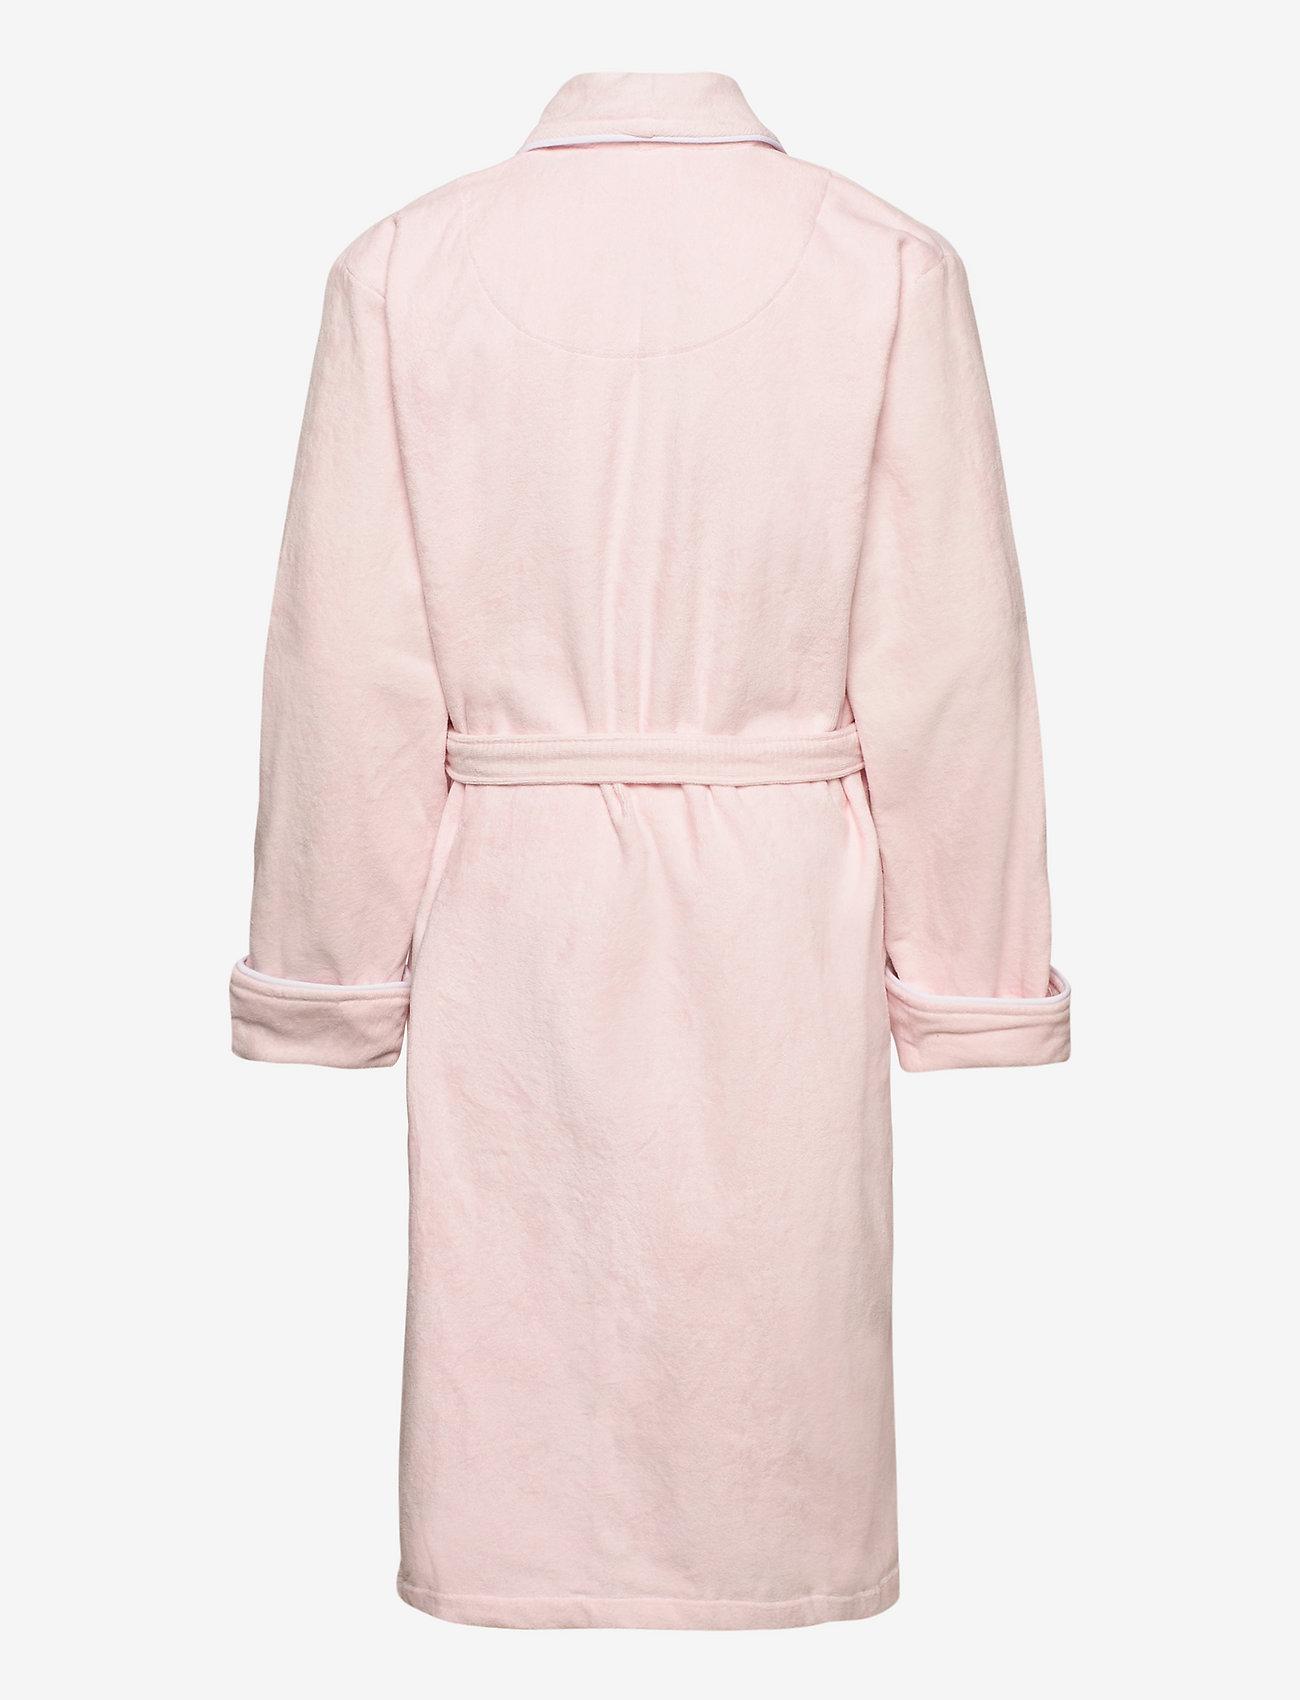 GANT - ORGANIC PREMIUM  ROBE - kleding - nantucket pink - 1